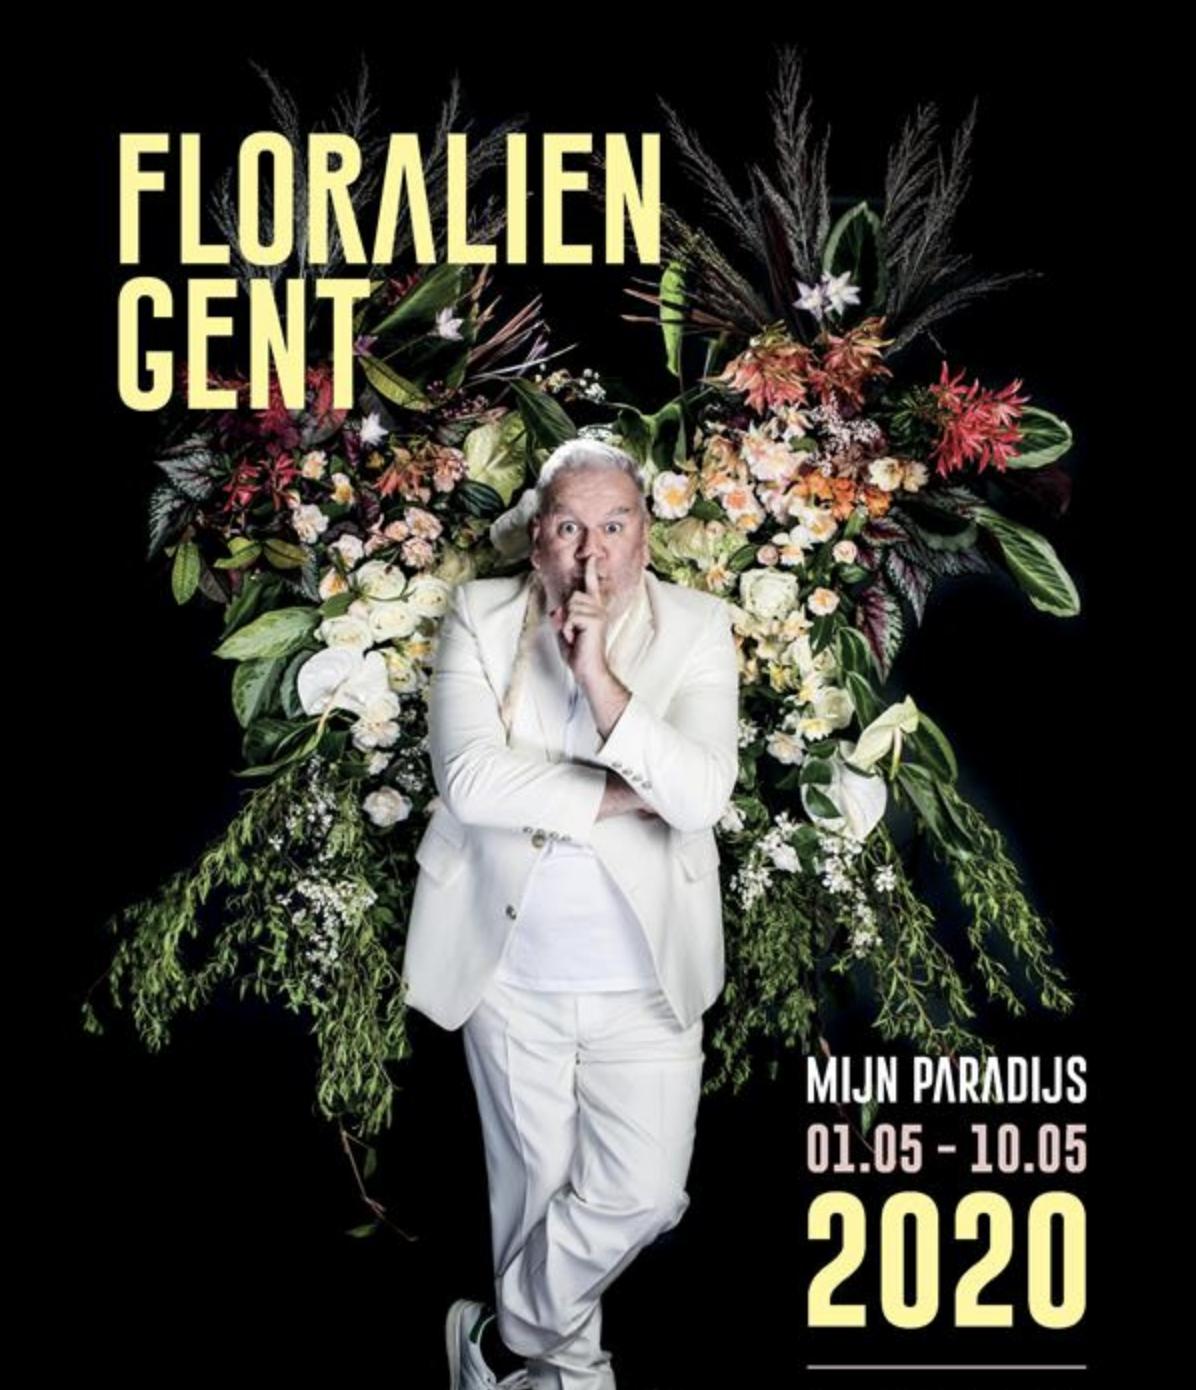 Gentse floraliën vip arrangementen